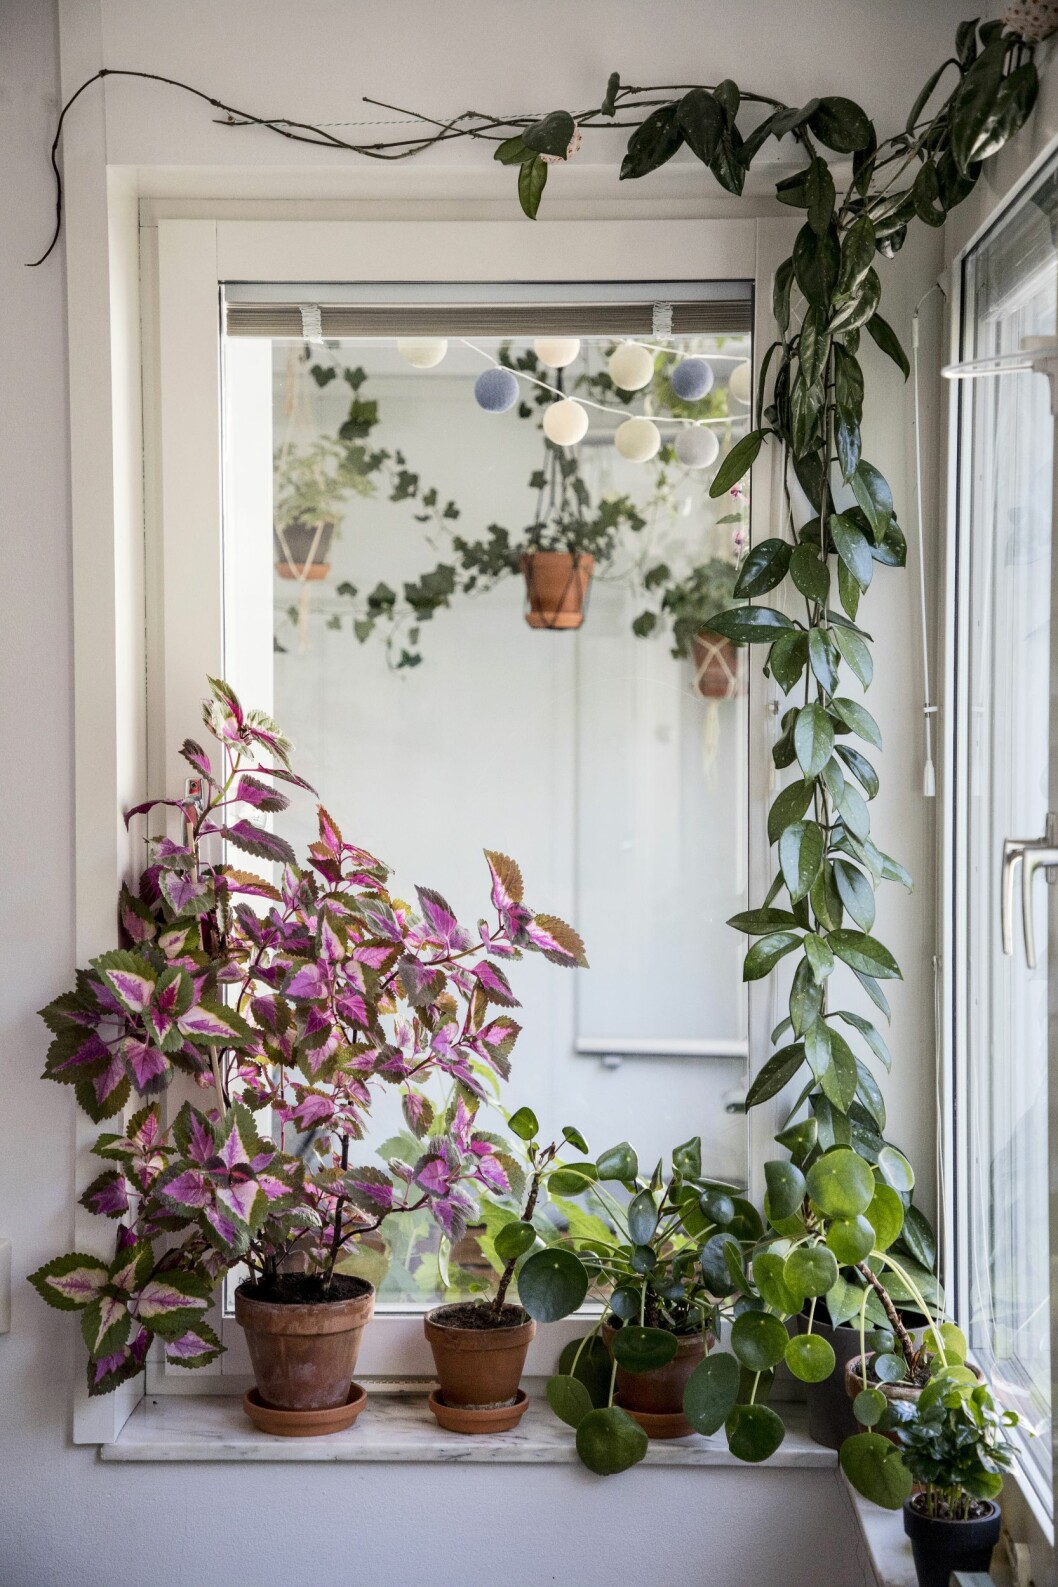 palettblad, elefantöra och klängväxter i fönstret